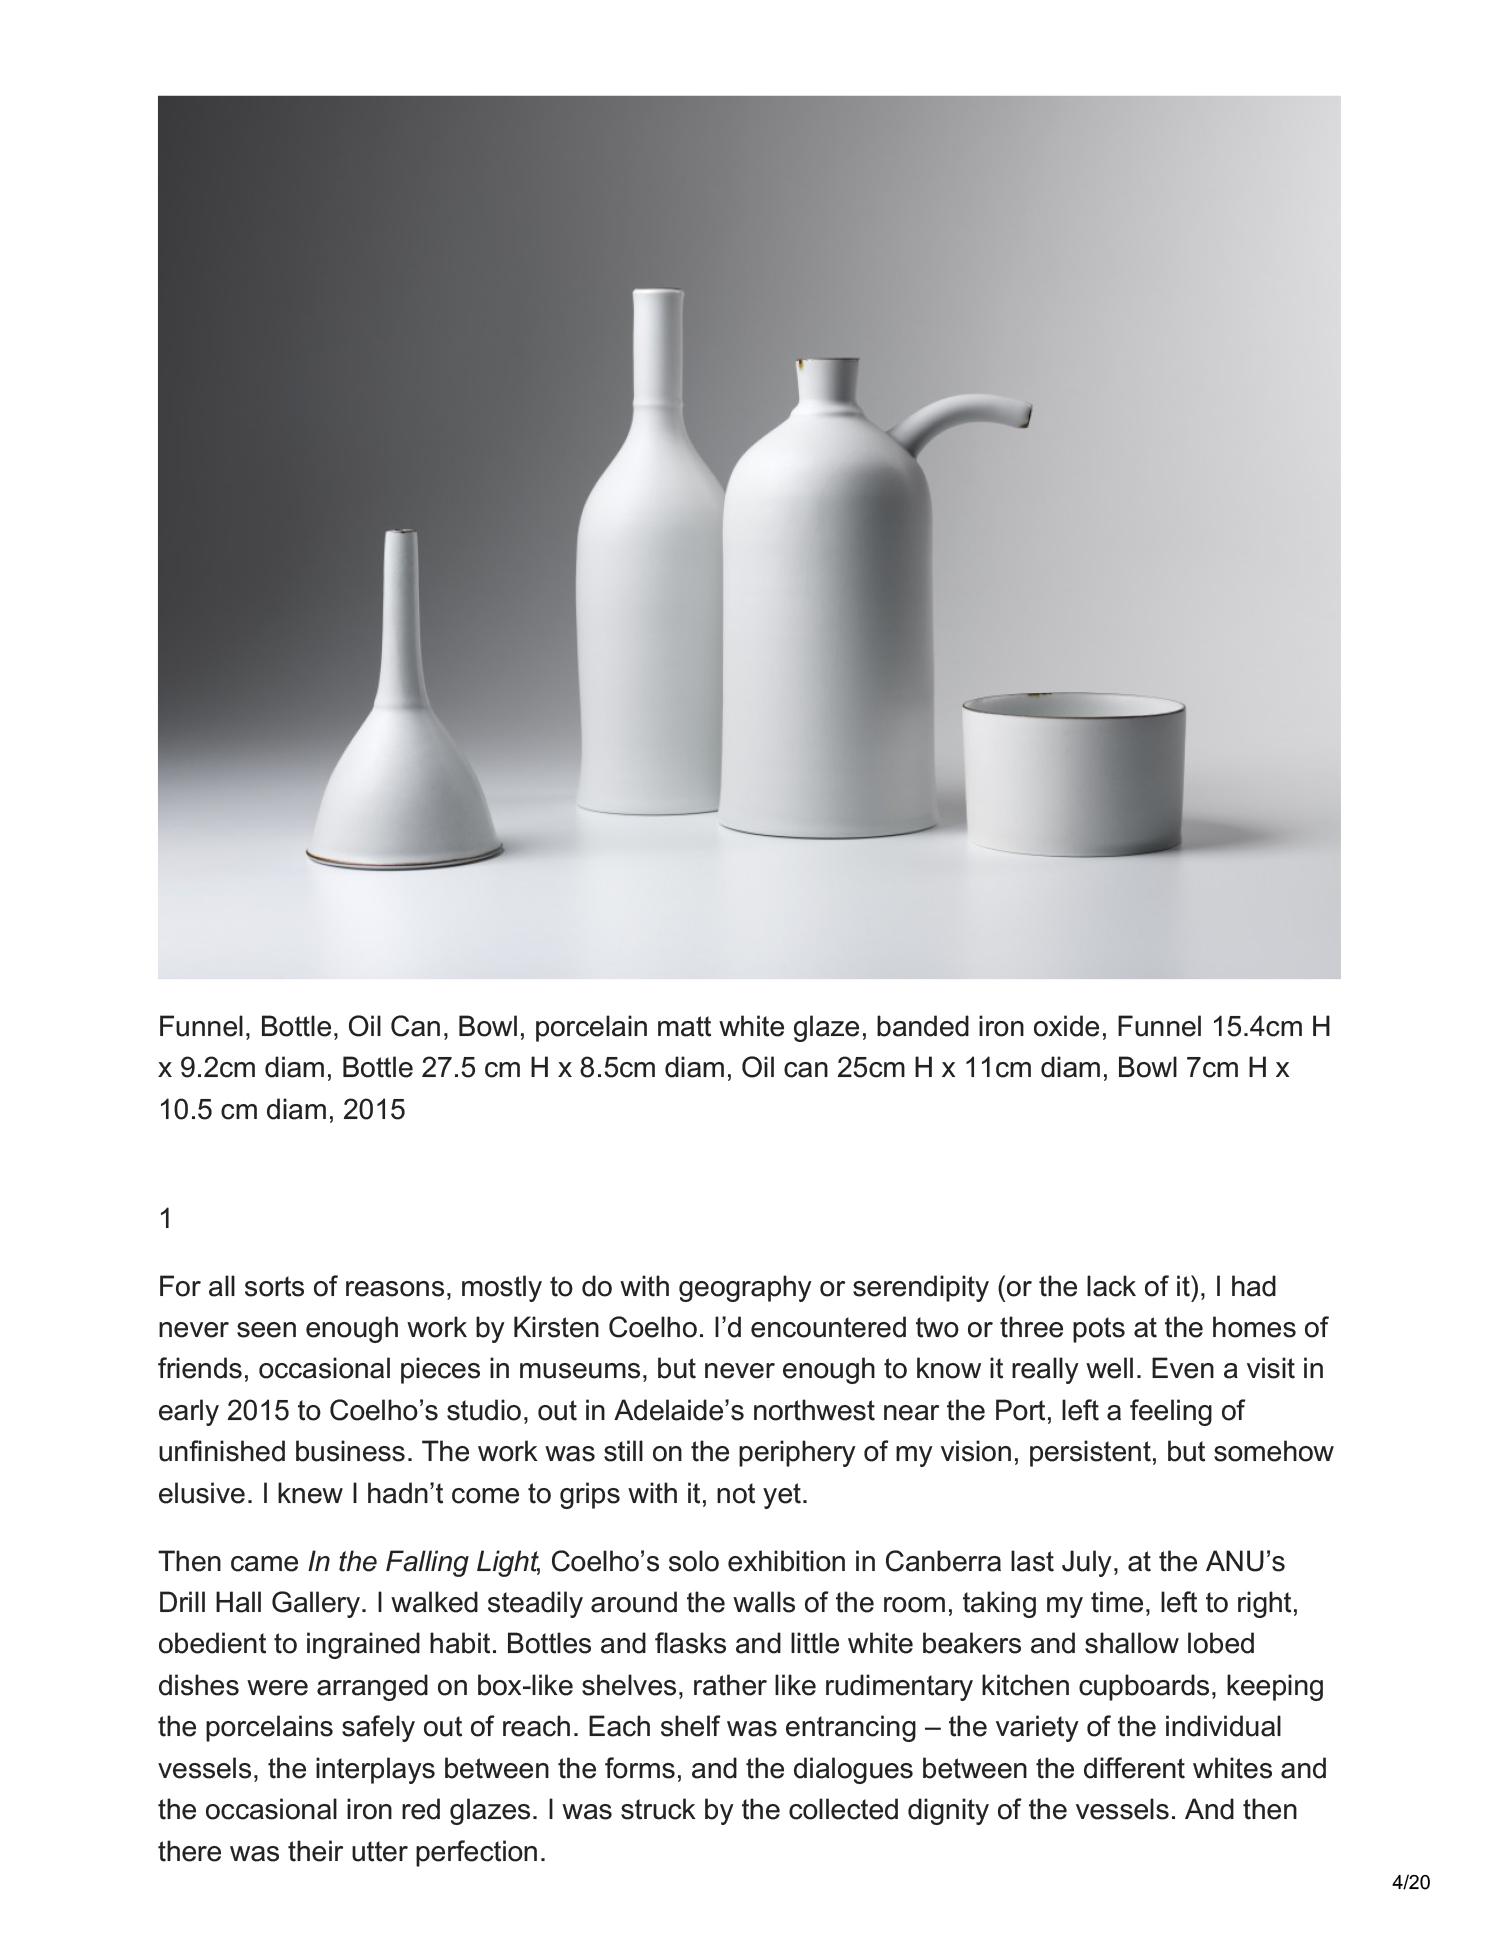 Still Kirsten Coelhos ceramics-4.jpg